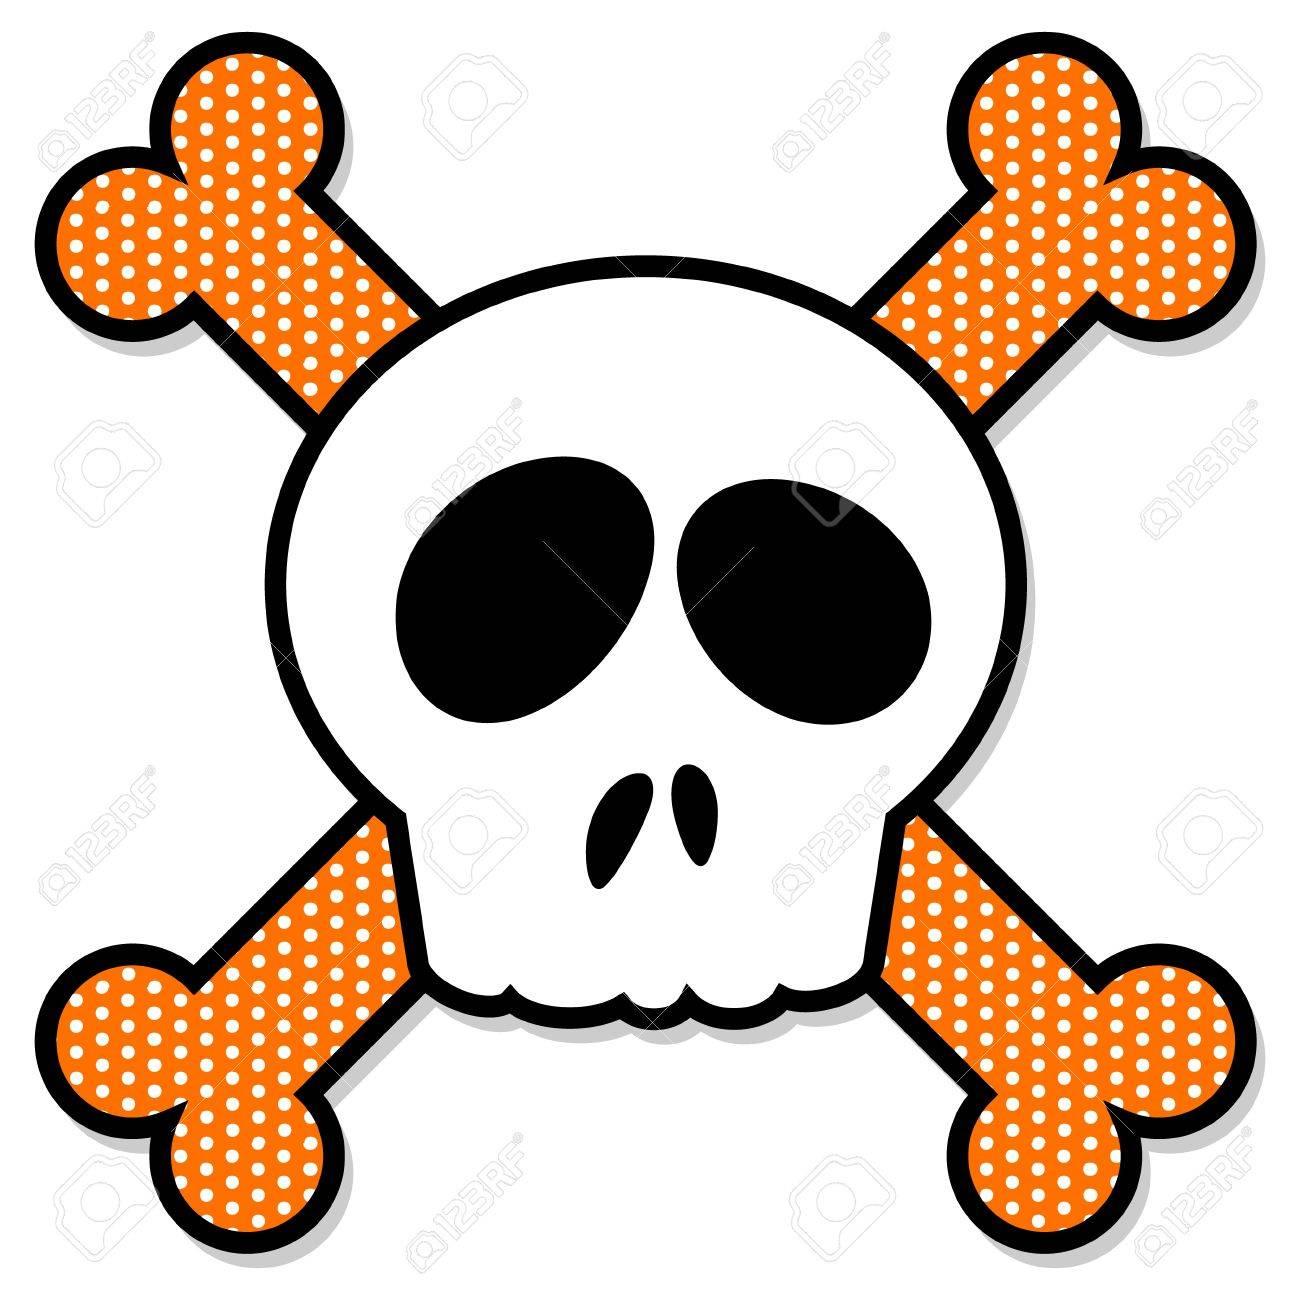 Skull and Crossbones Stock Vector - 10029864